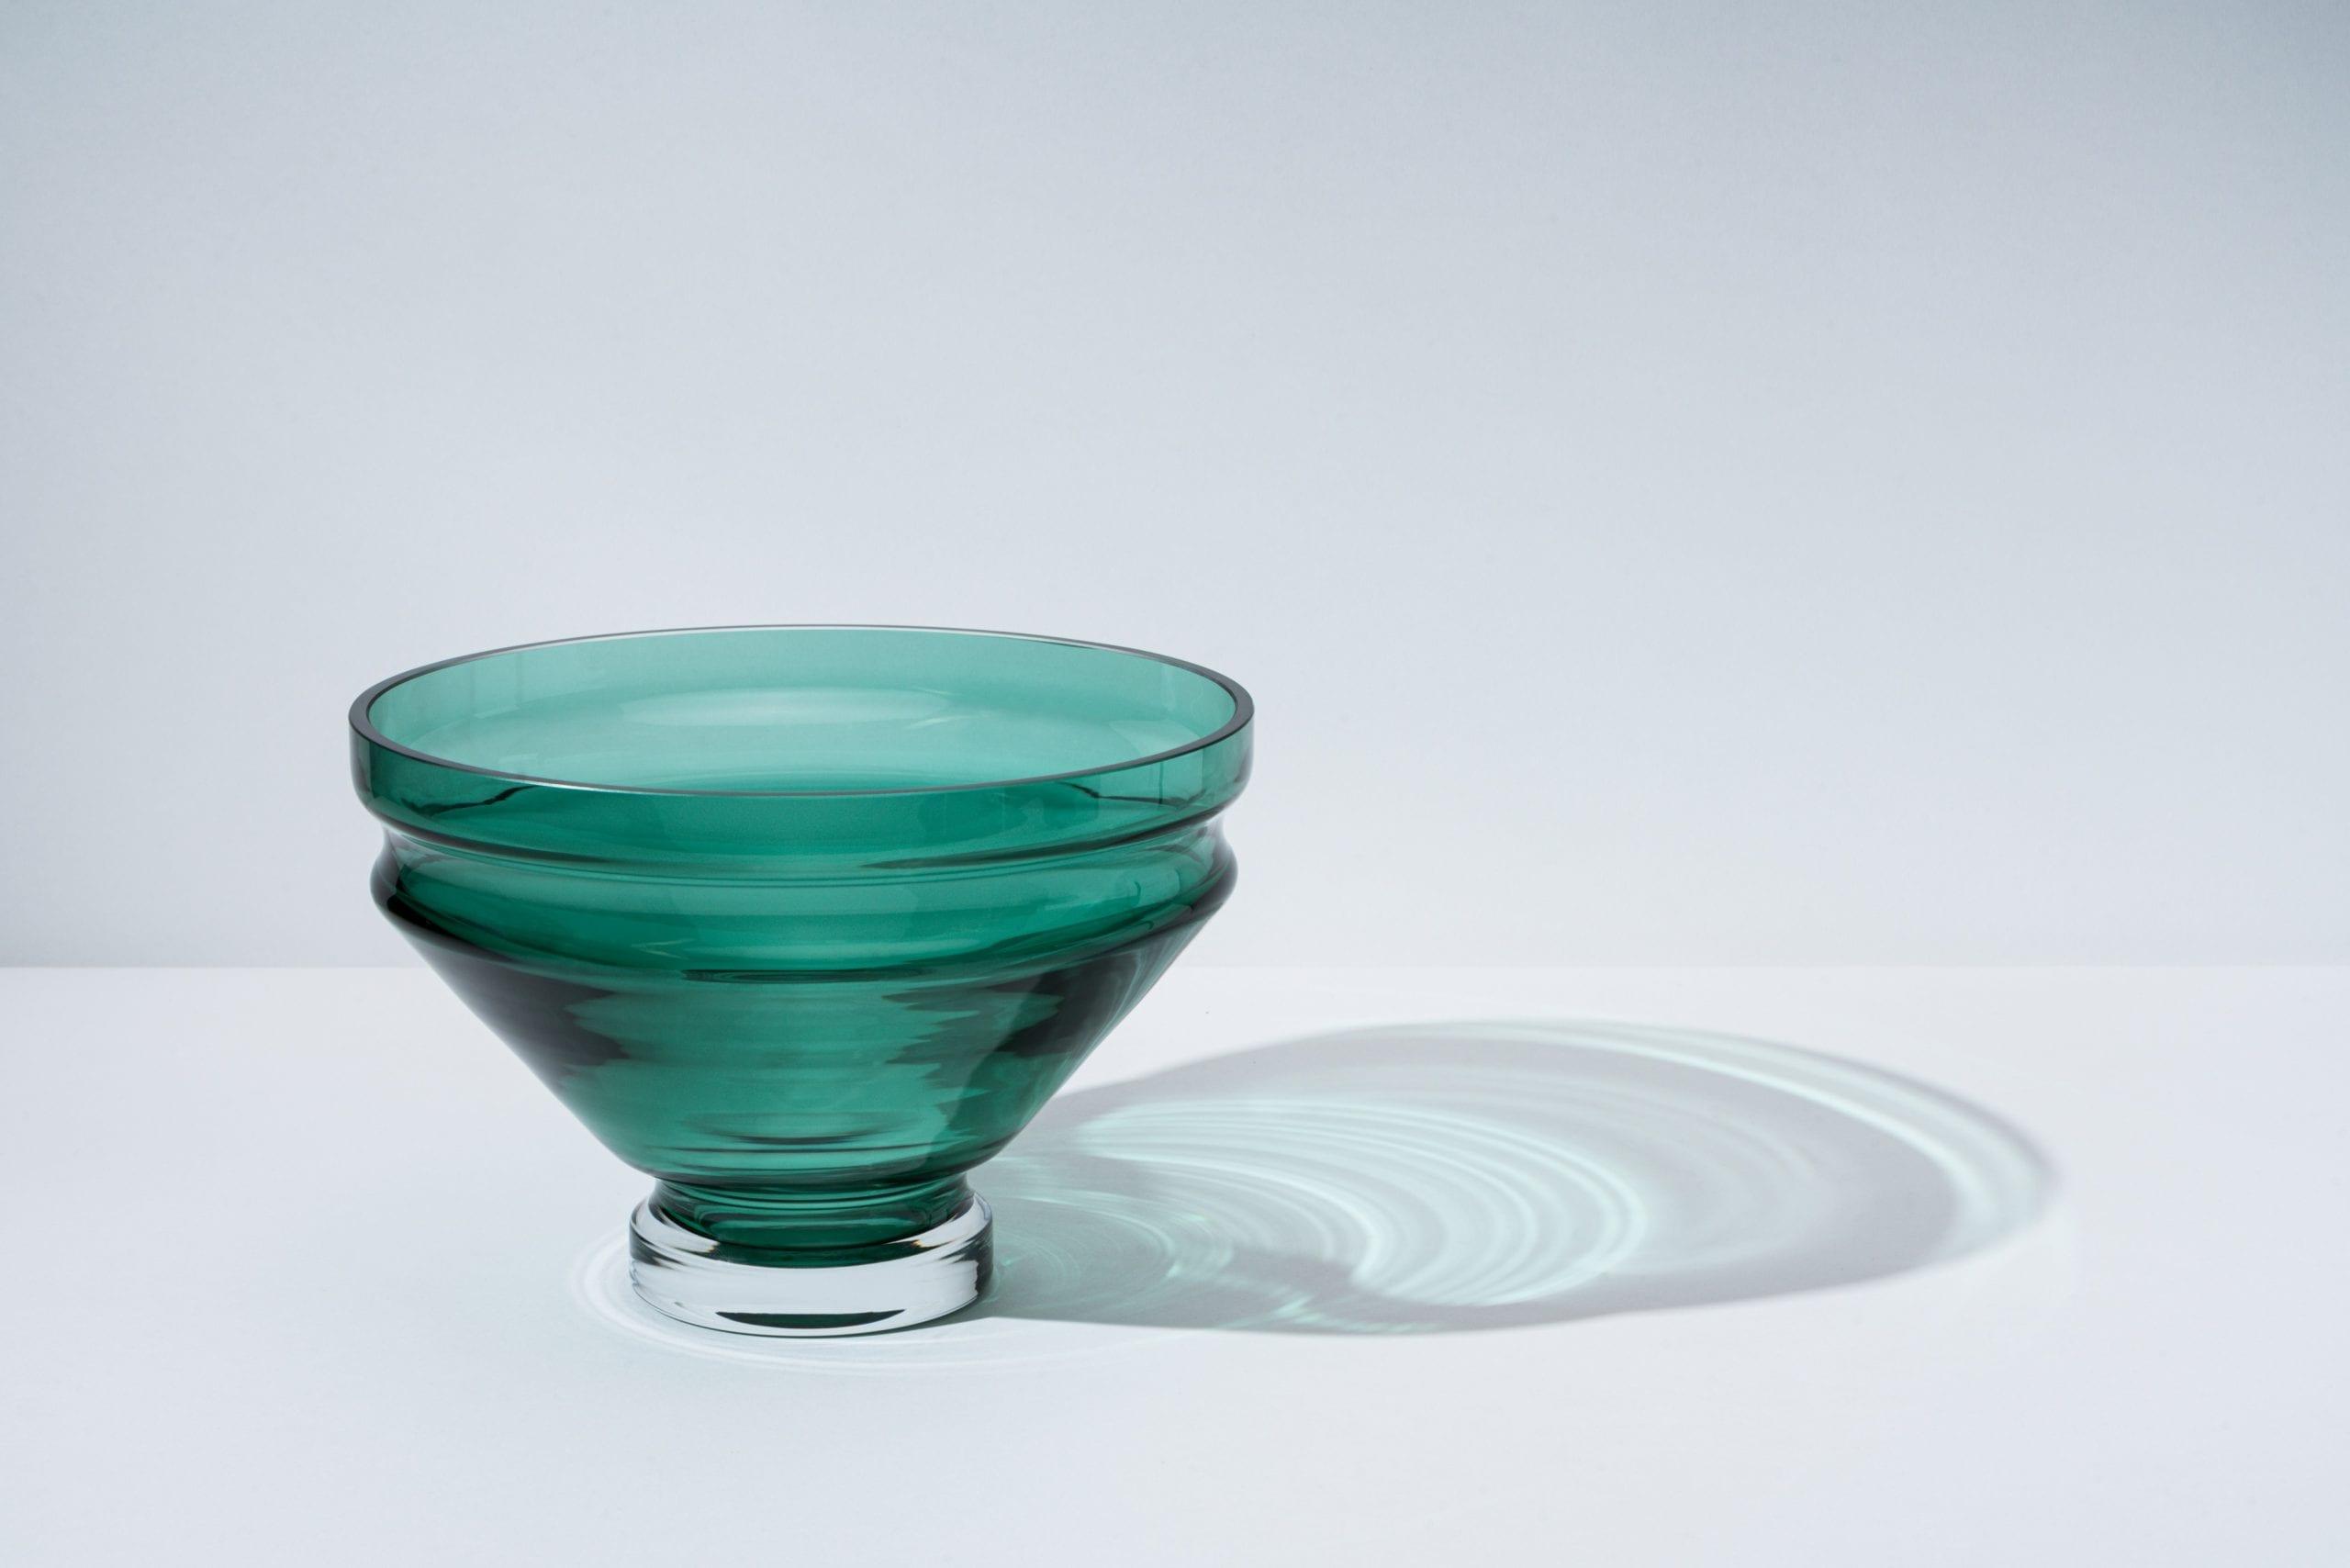 כלים מעוצבים לבית - קערת זכוכית עבודת יד